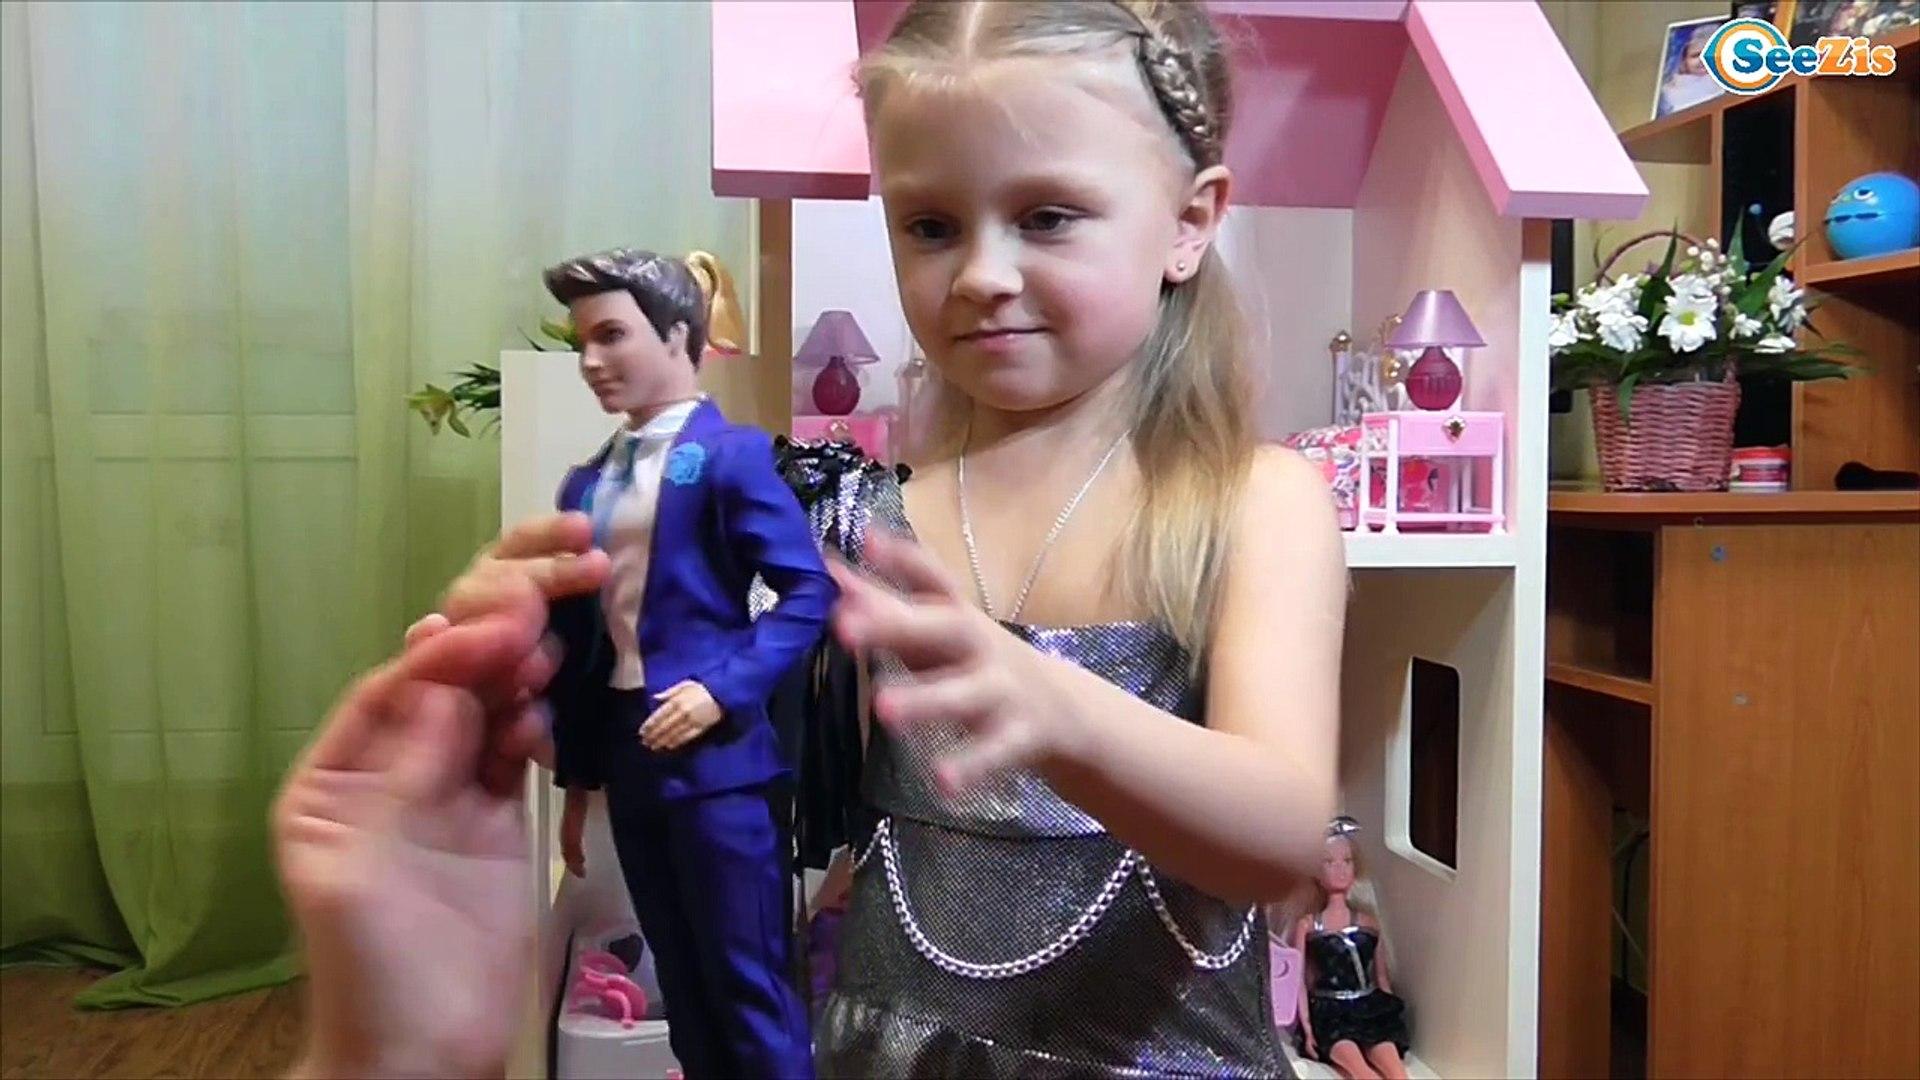 Куклы Барби и Кен. Распаковка и обзор Кена друга Барби от Ярославы. Видео для детей. Tiki Taki Kids